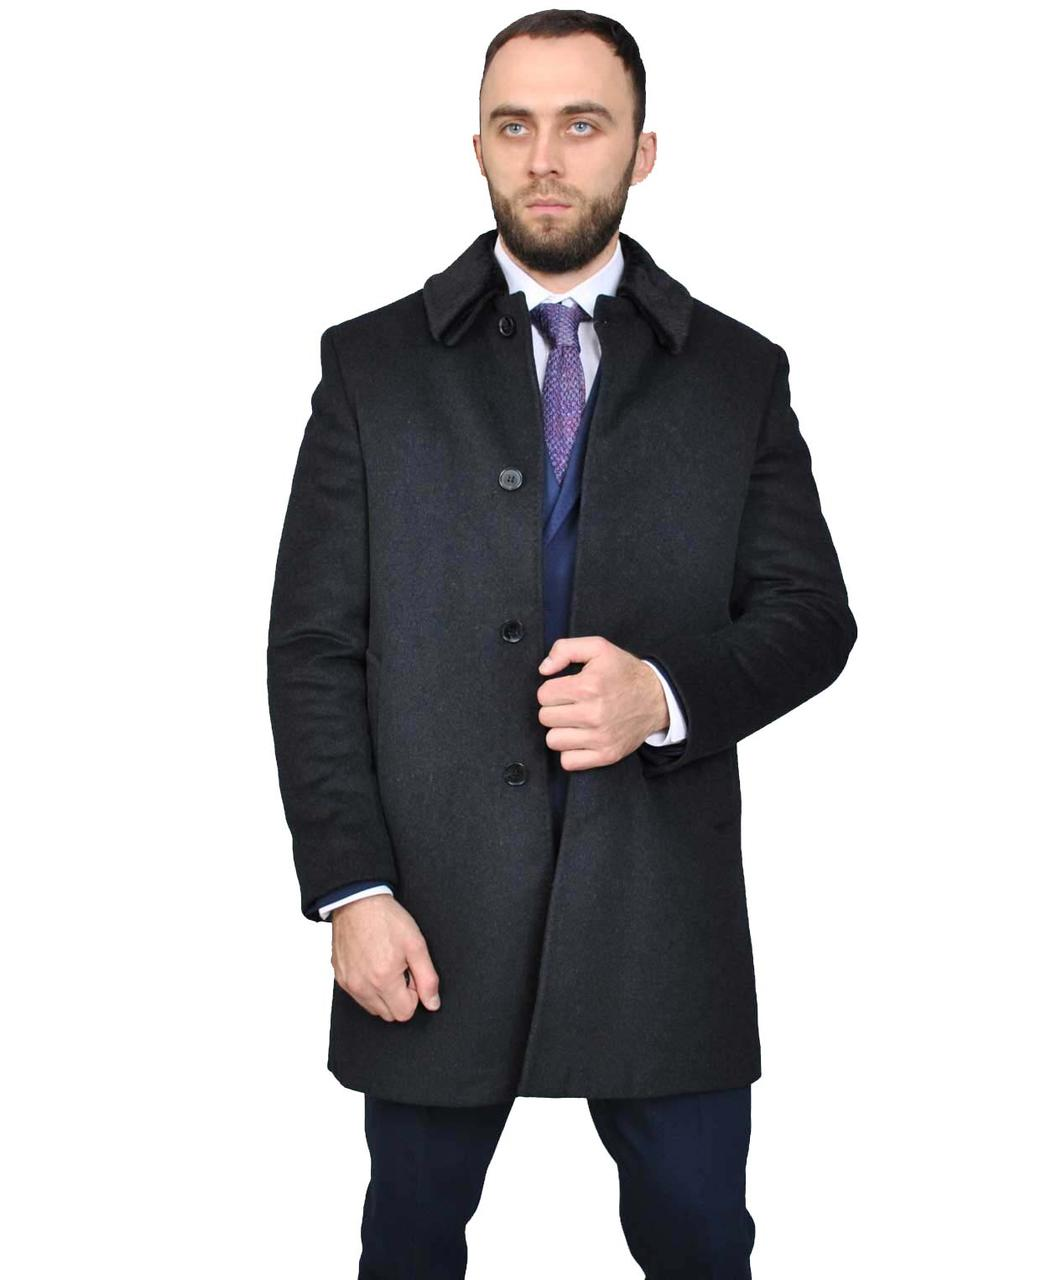 Пальто мужское классическое - Aristocrat в Хмельницком 1bfe92cf12e3c